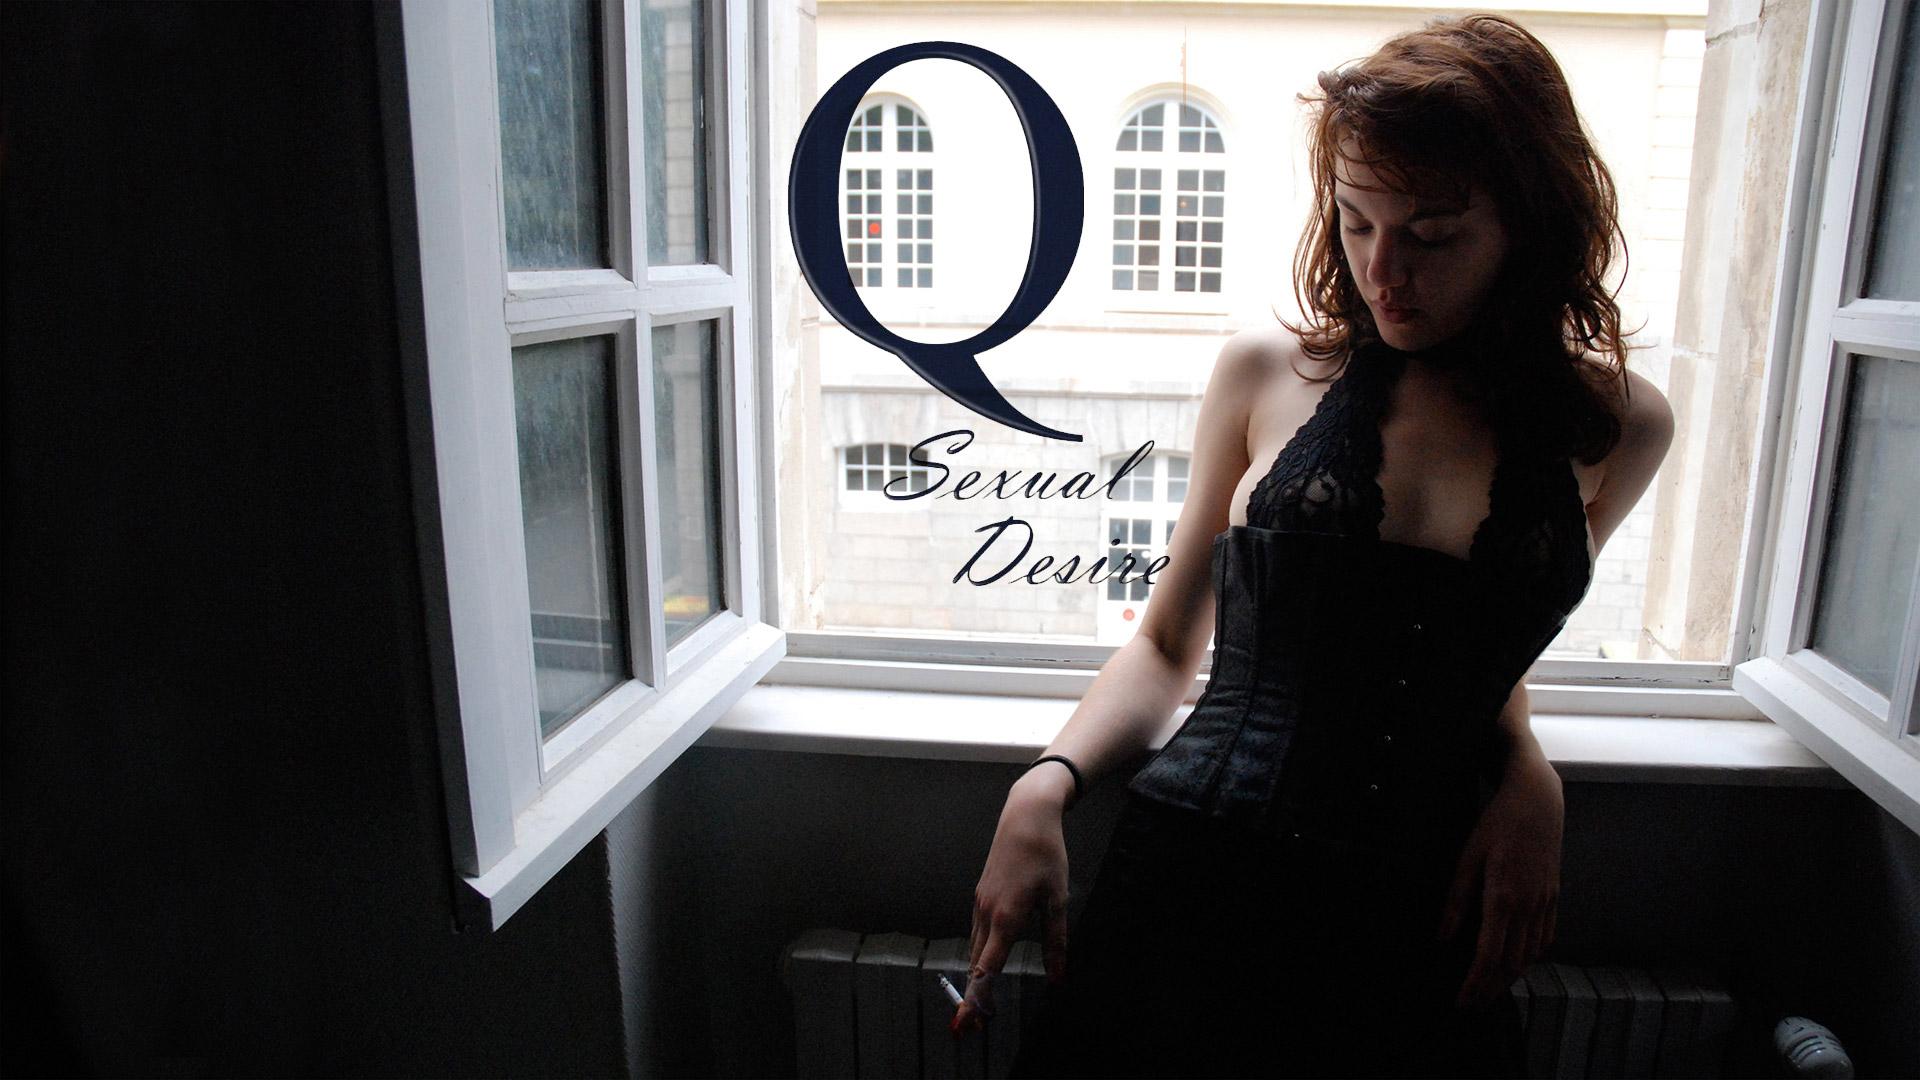 Q Sexual Desire